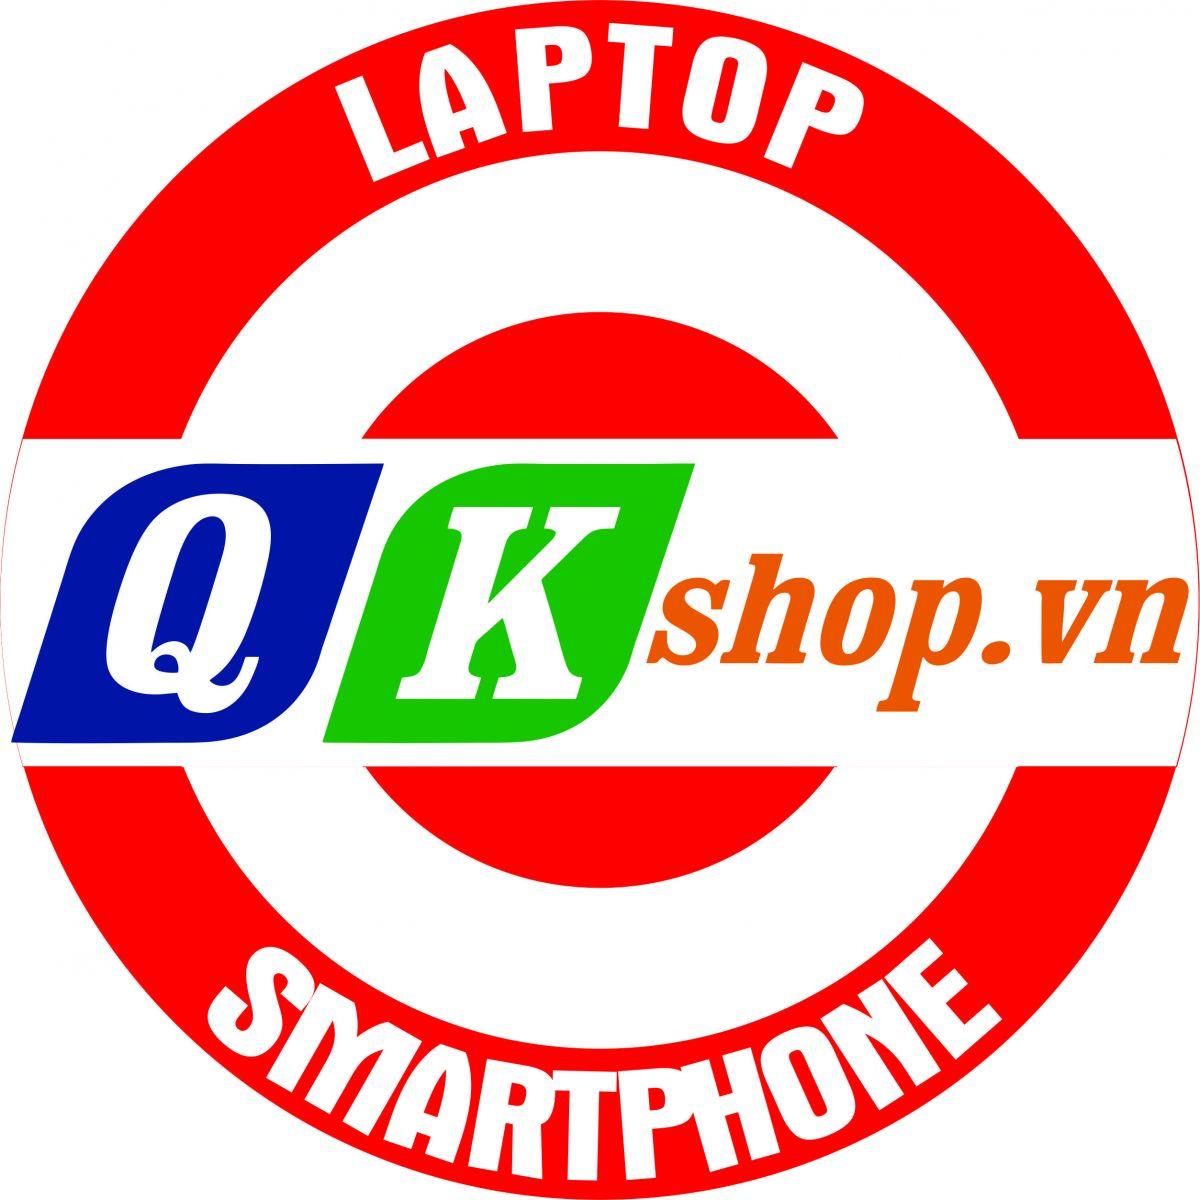 Laptop cũ Cần Thơ - qkshop.vn: Chuyên Laptop gaming - đồ họa - văn phòng